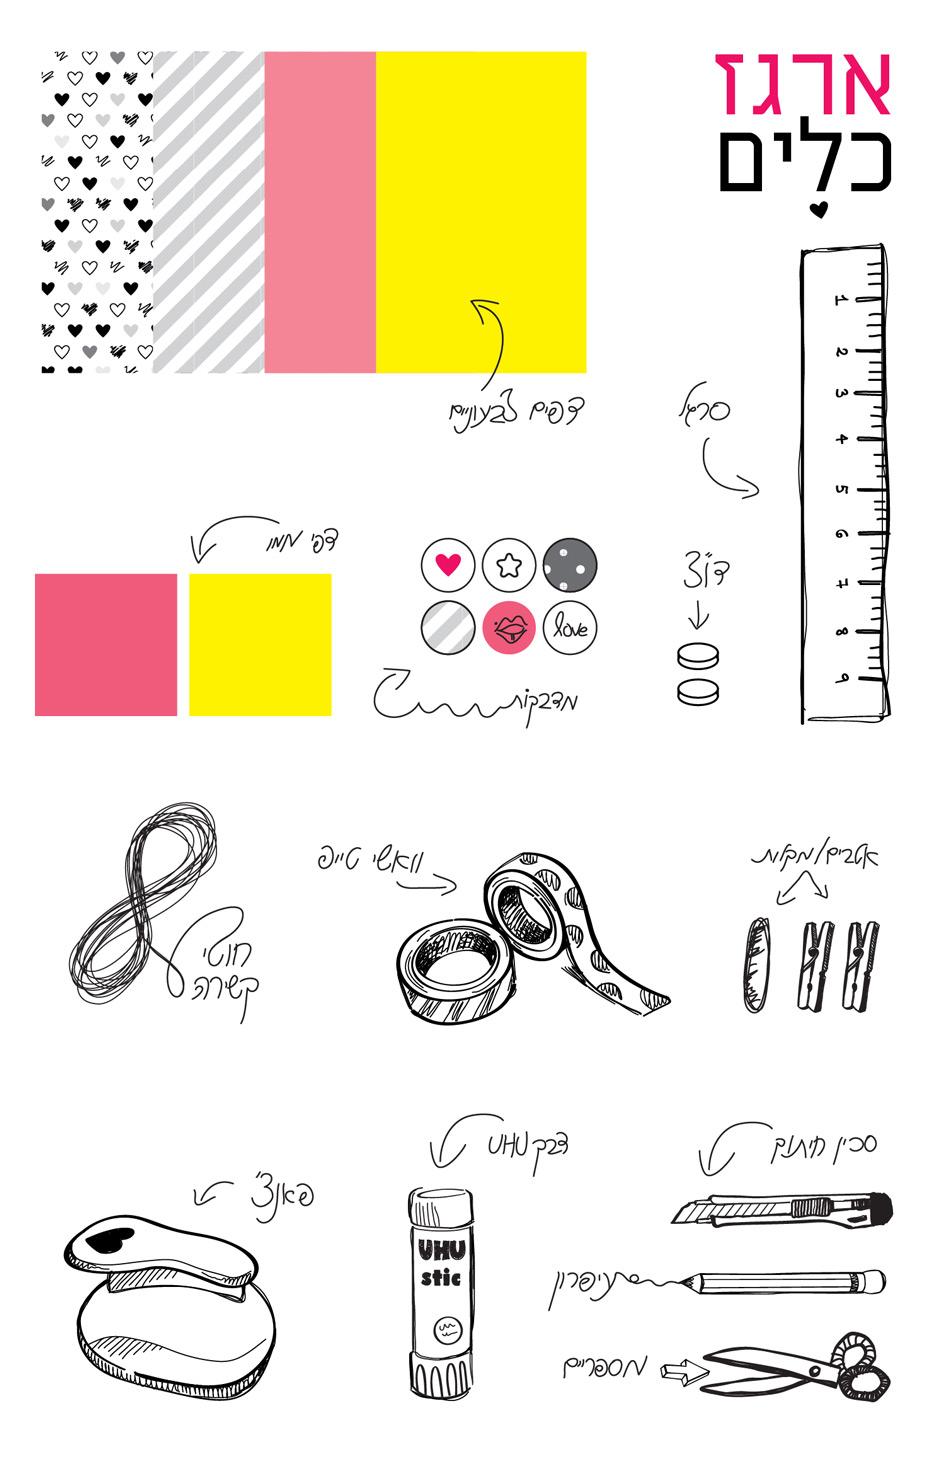 ארגז כלים מדריך DIY | Valentine's | onscribbling | הגר אשחר ניר